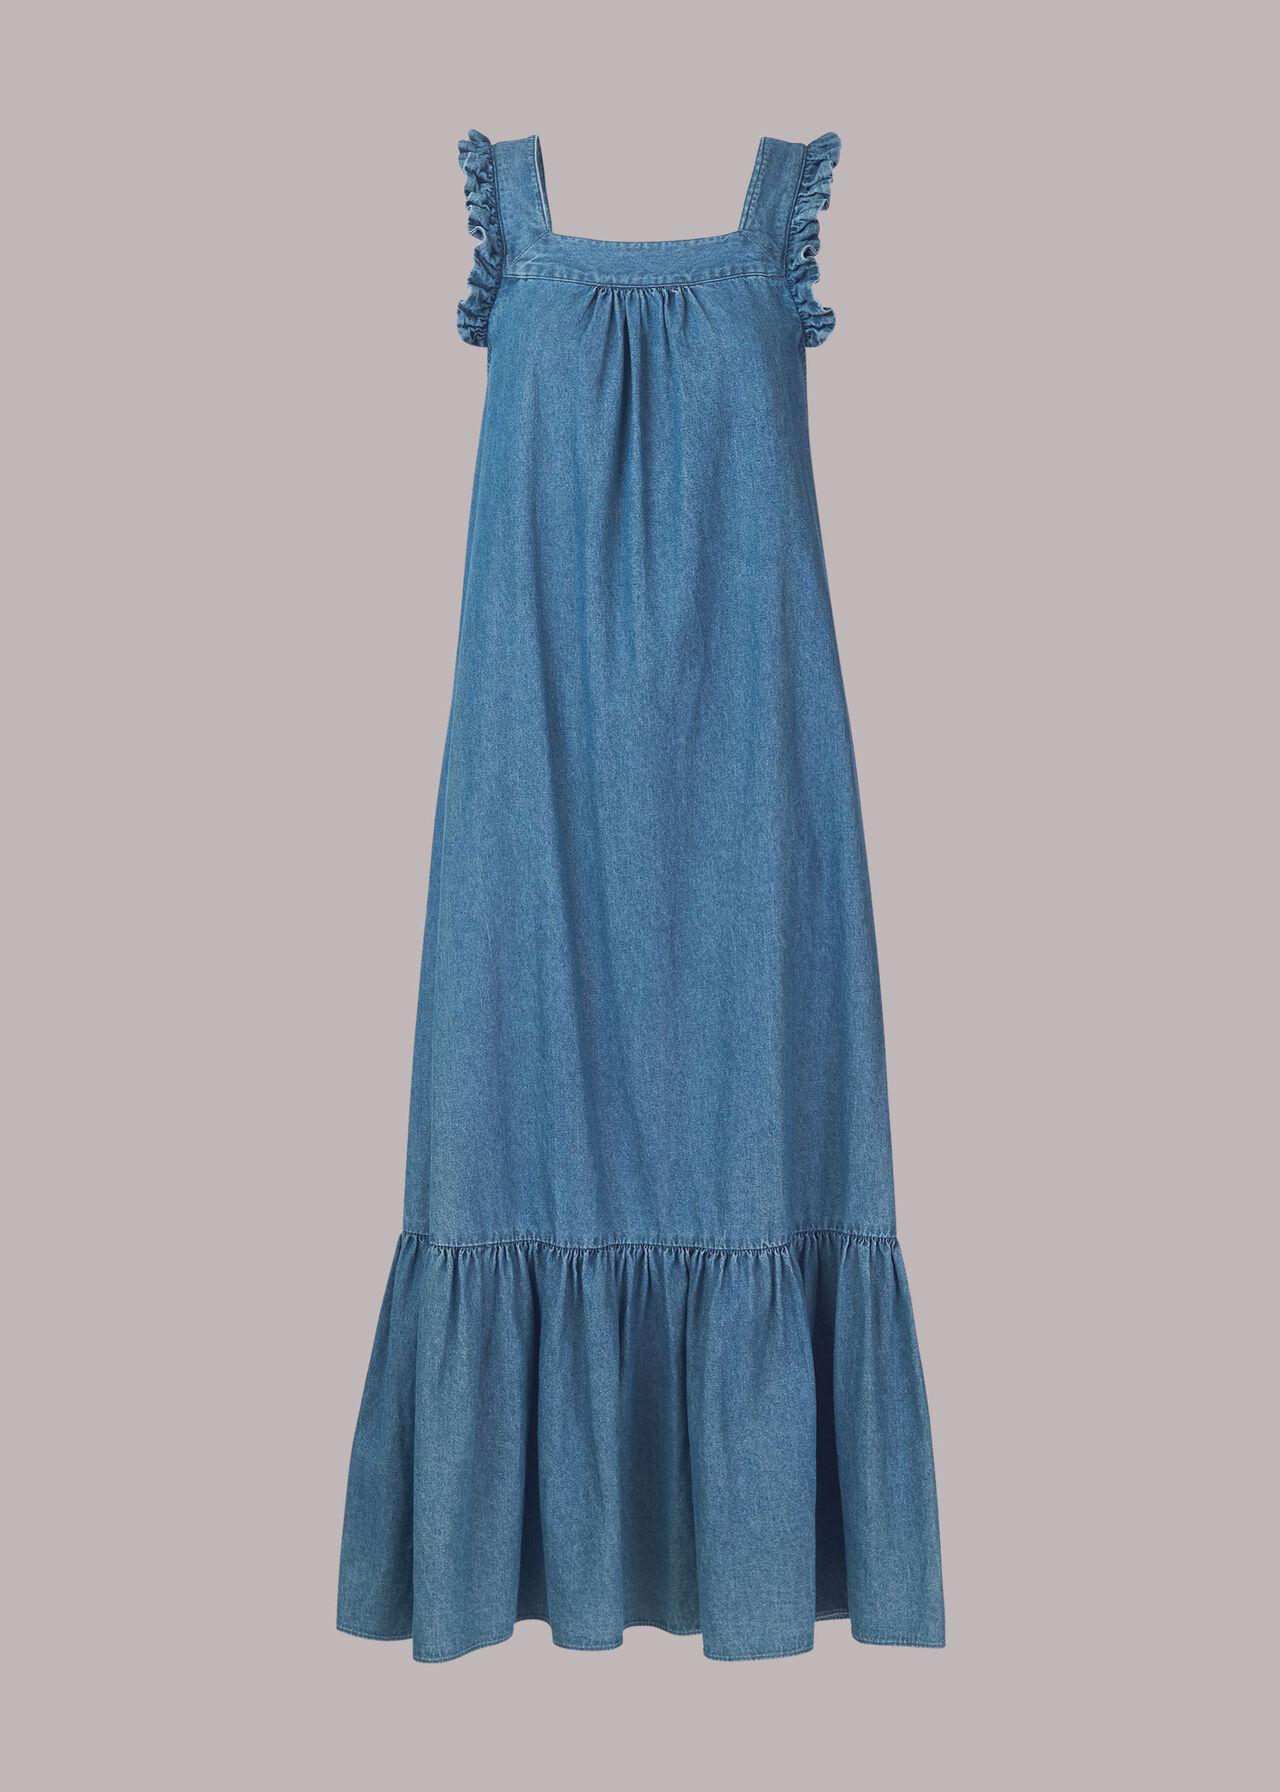 Chambray Trapeze Dress